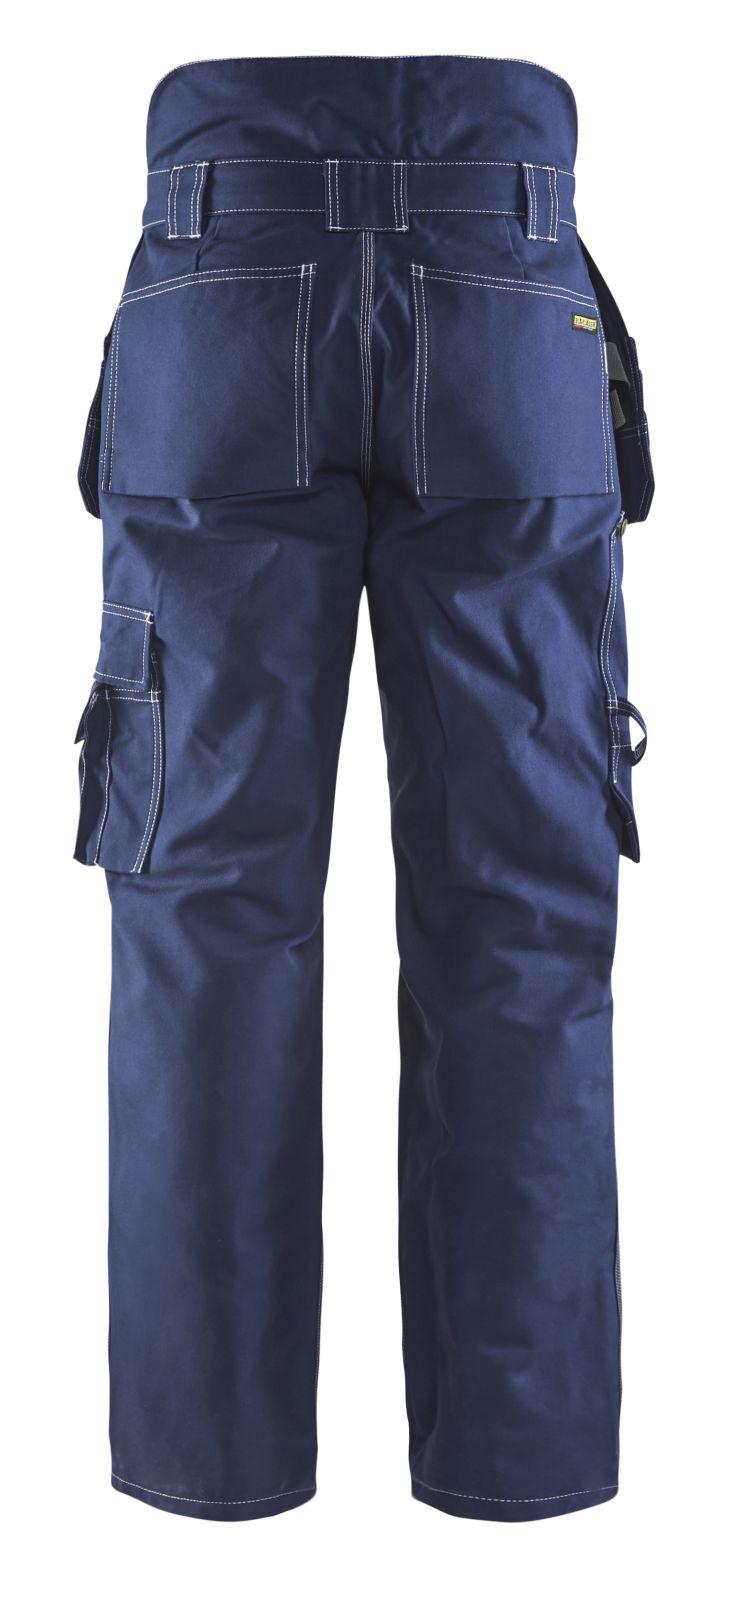 Blaklader Winterwerkbroeken 15151370 marineblauw(8800)